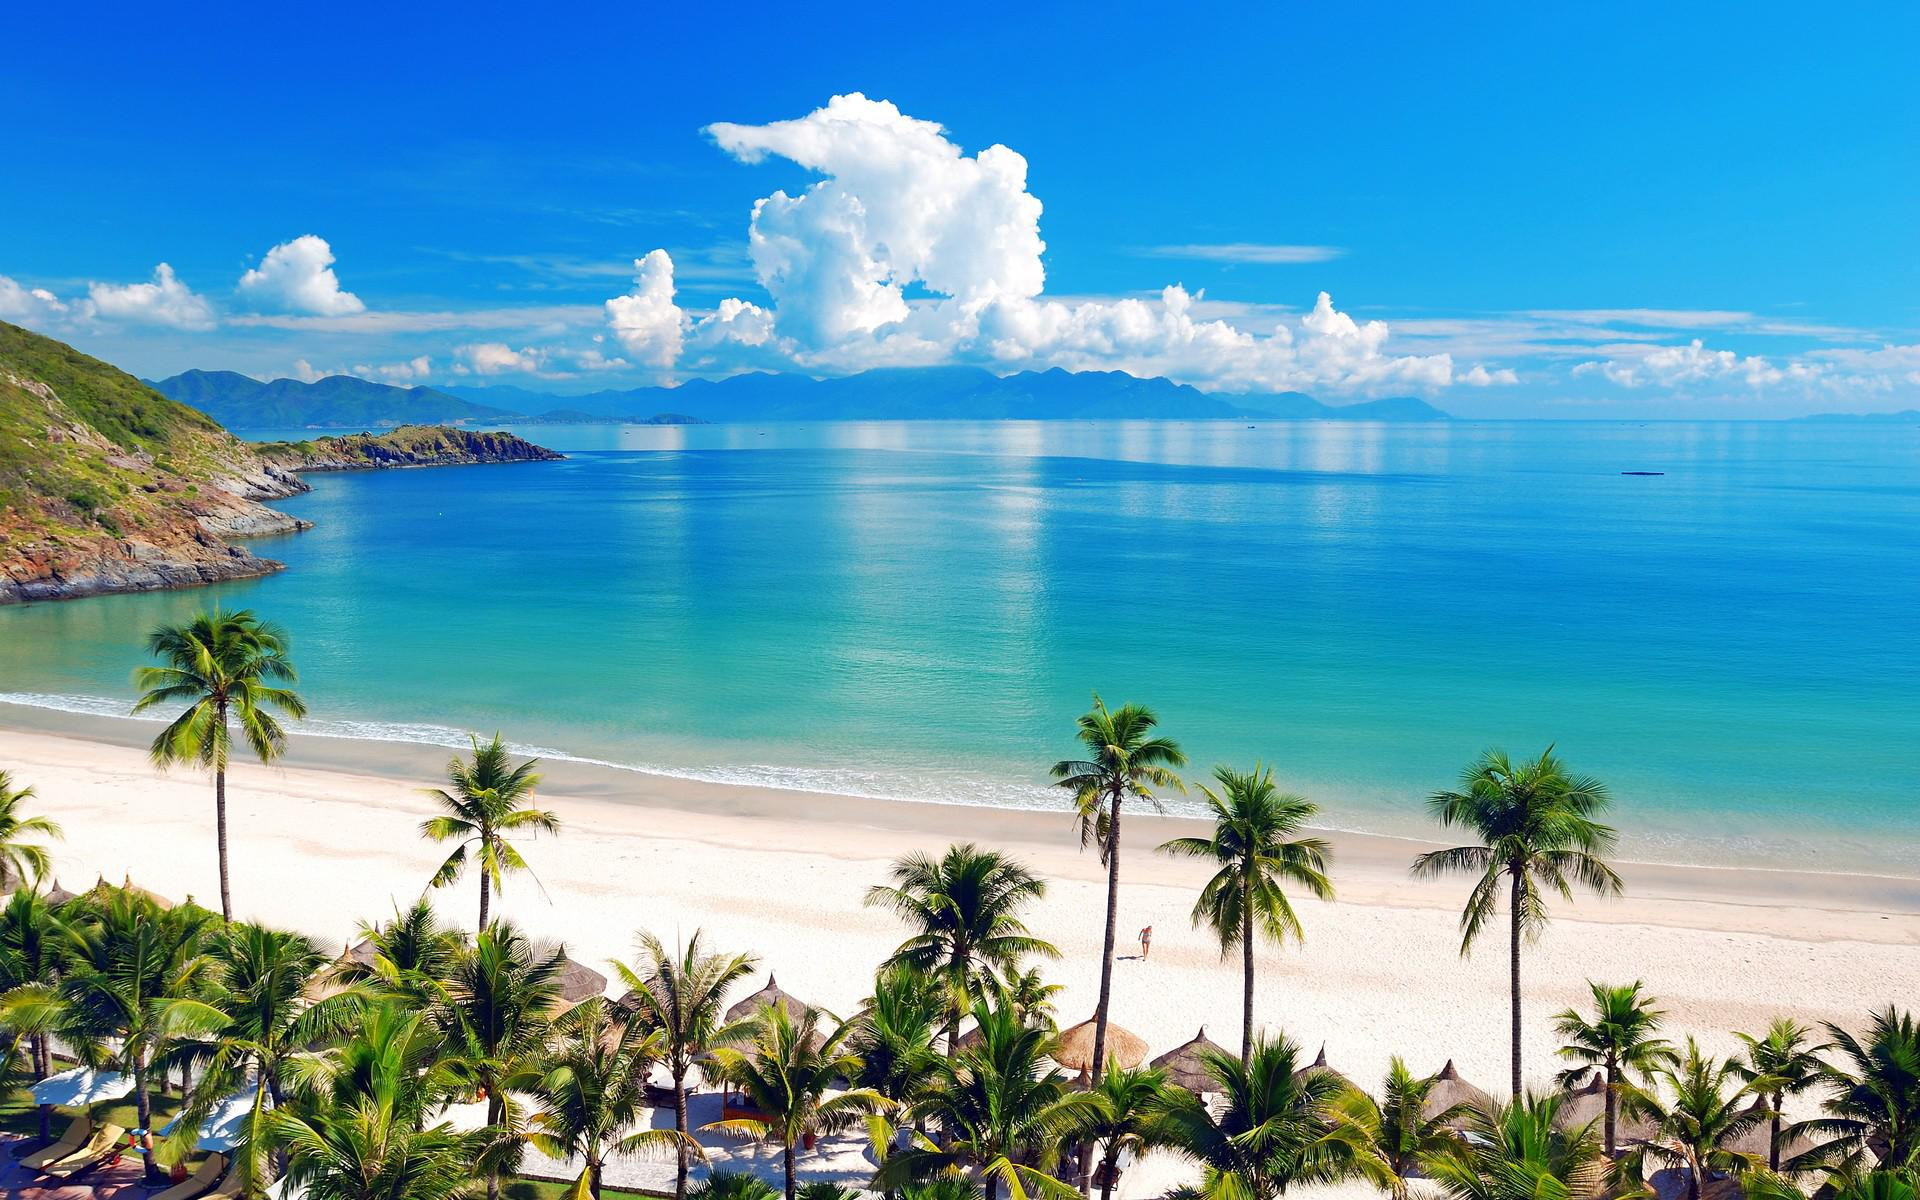 Vịnh biển Nha Trang xanh ngắt một màu với bầu trời